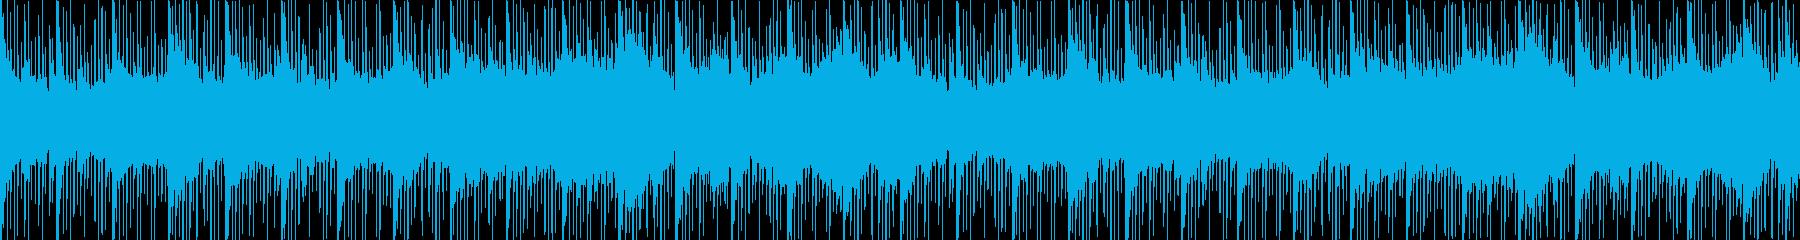 クリスタルの洞窟のテーマの再生済みの波形